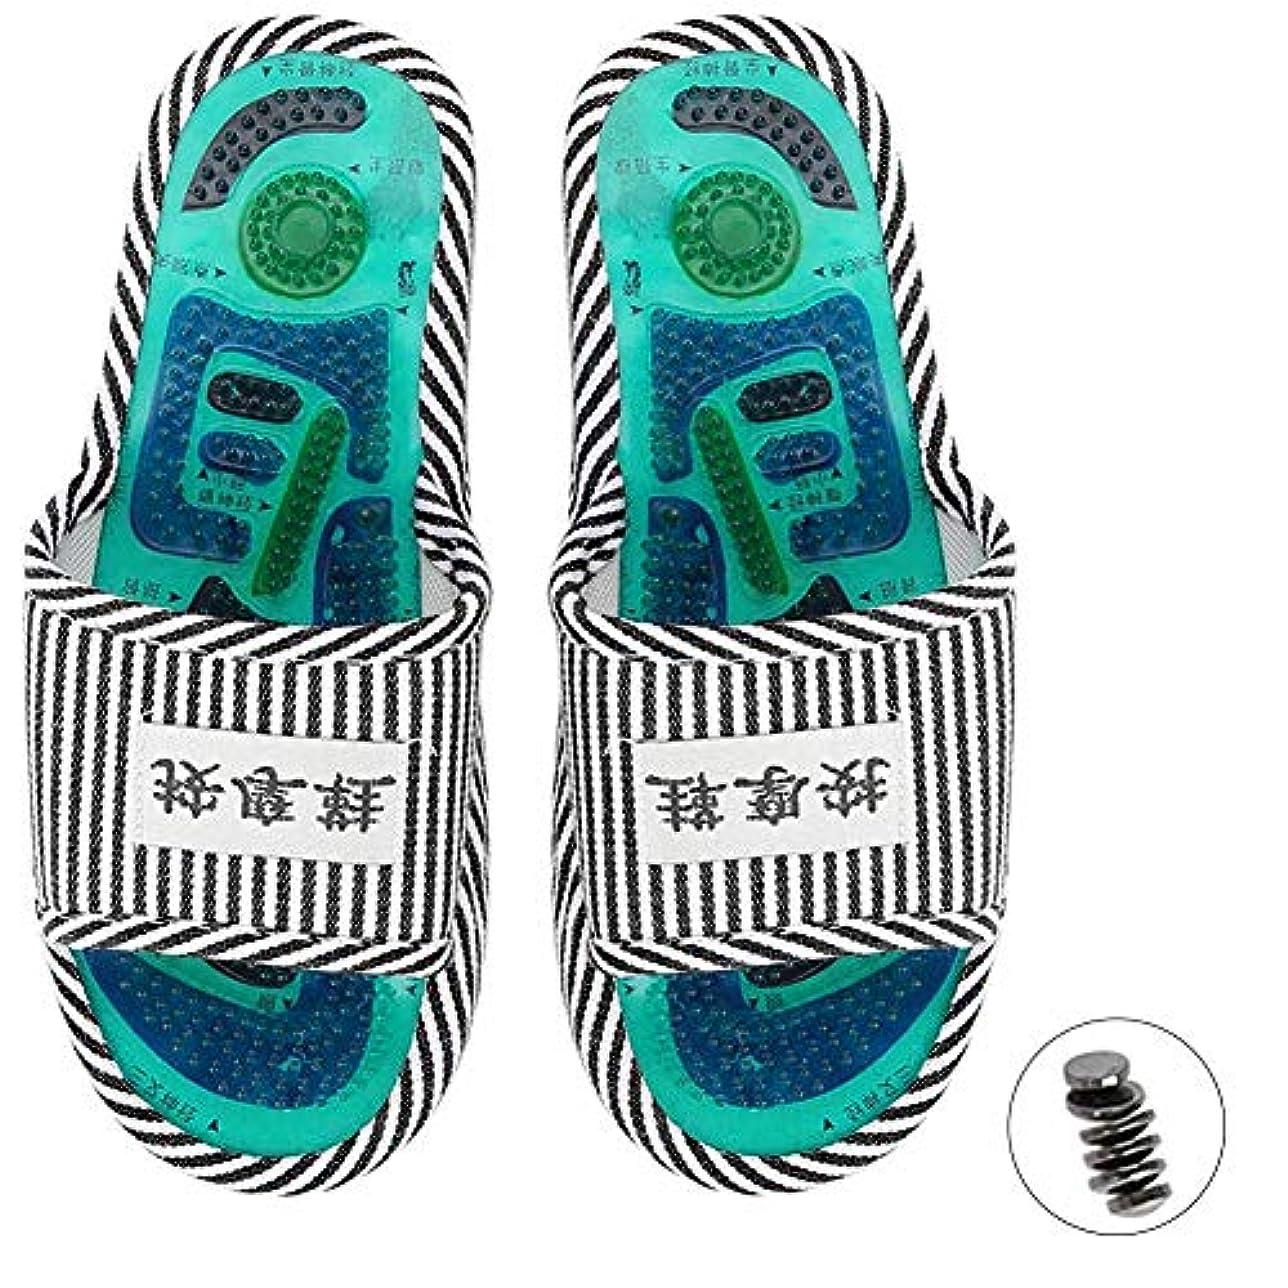 死すべき生命体まだらマッサージスリッパ、足指圧マッサージ 磁気ストーン 健康な足のケア マッサージボール 男性女性用(1)